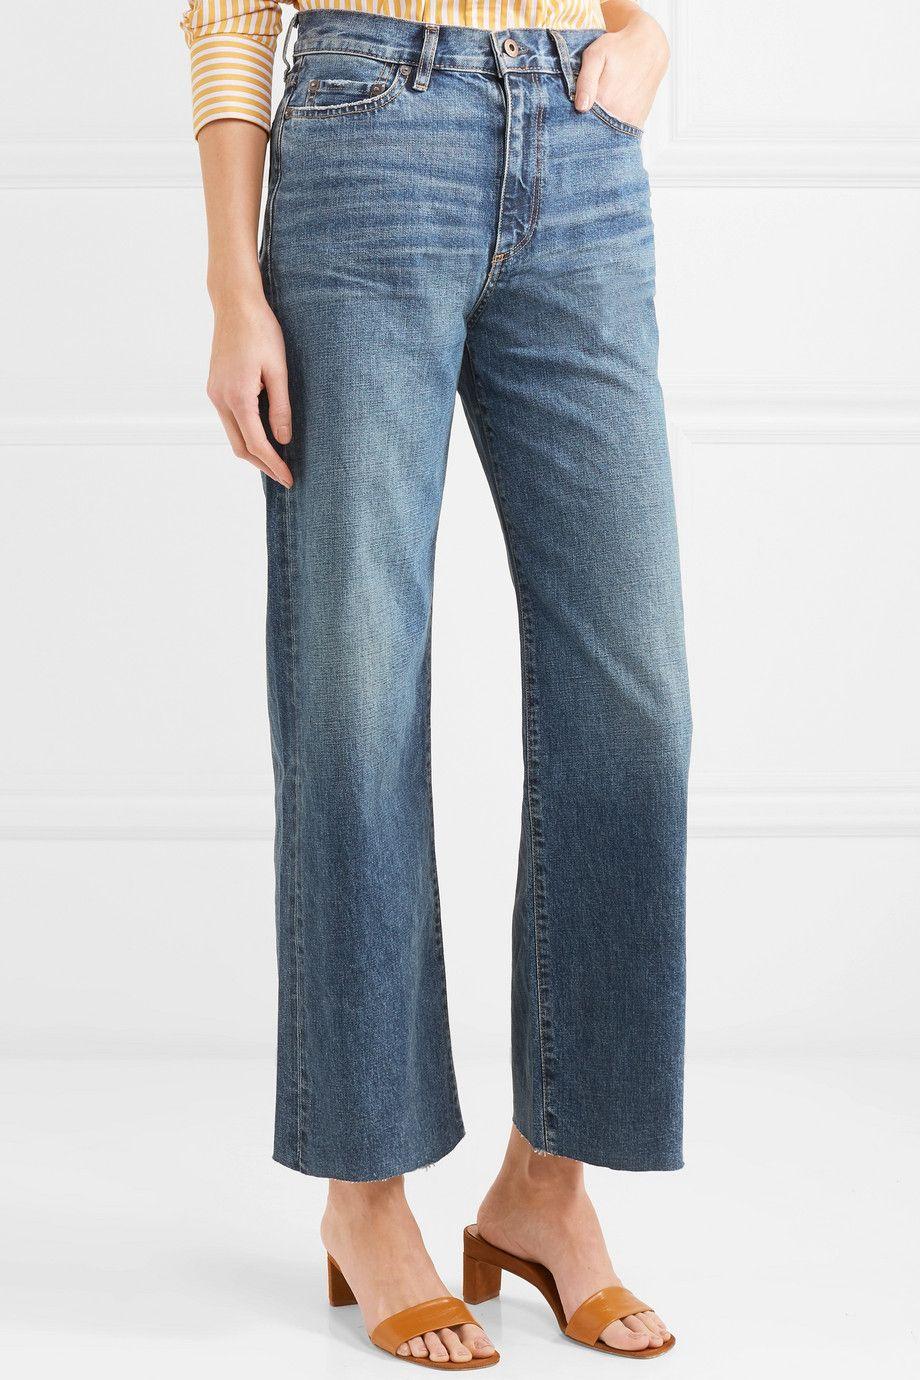 W006 Musa Mid-rise Wide-leg Jeans - Dark denim Simon Miller pfq02QHHGE